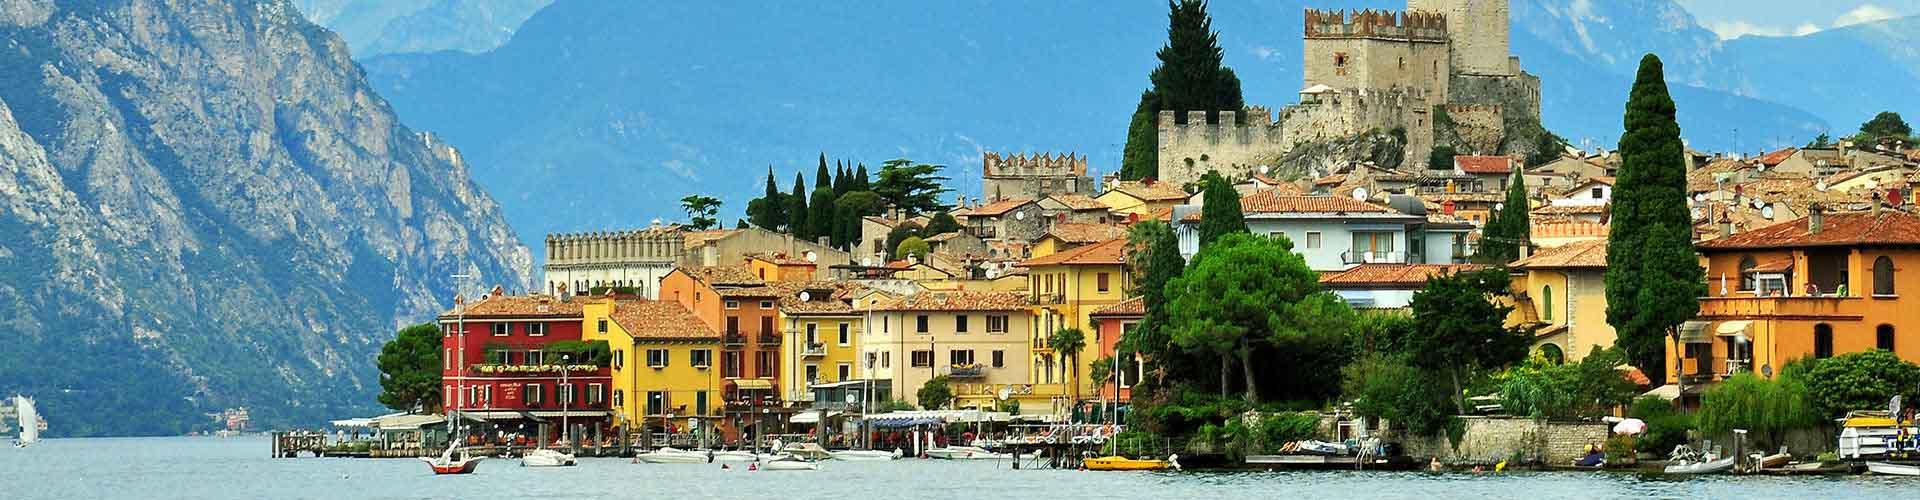 Lake Garda - Chambres à Lake Garda. Cartes pour Lake Garda, photos et commentaires pour chaque chambre à Lake Garda.